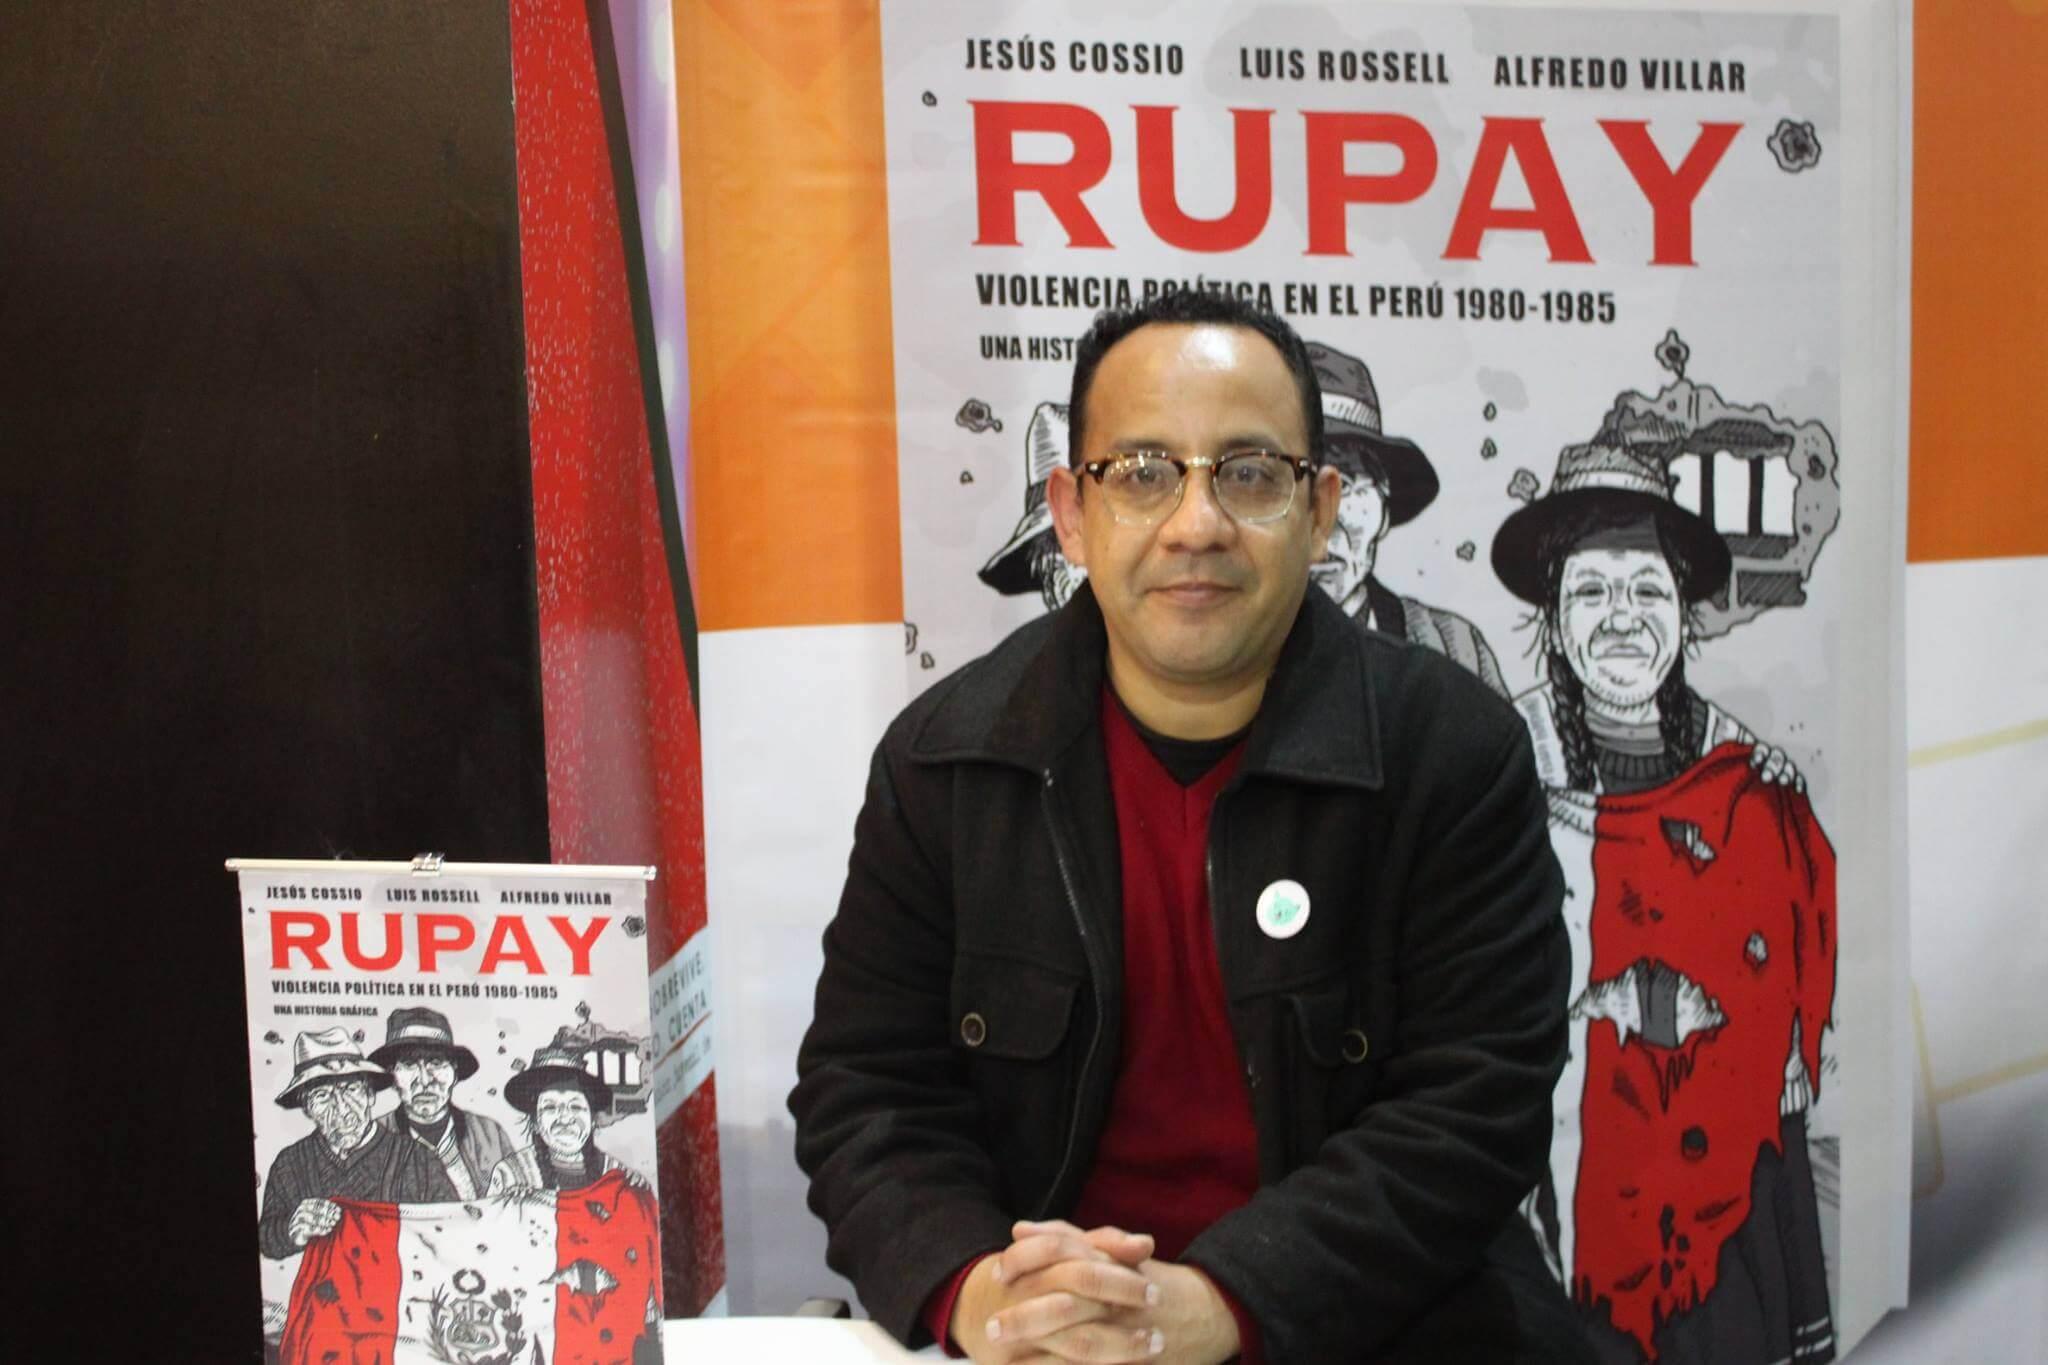 Cossio, el dibujante del conflicto armado en Perú